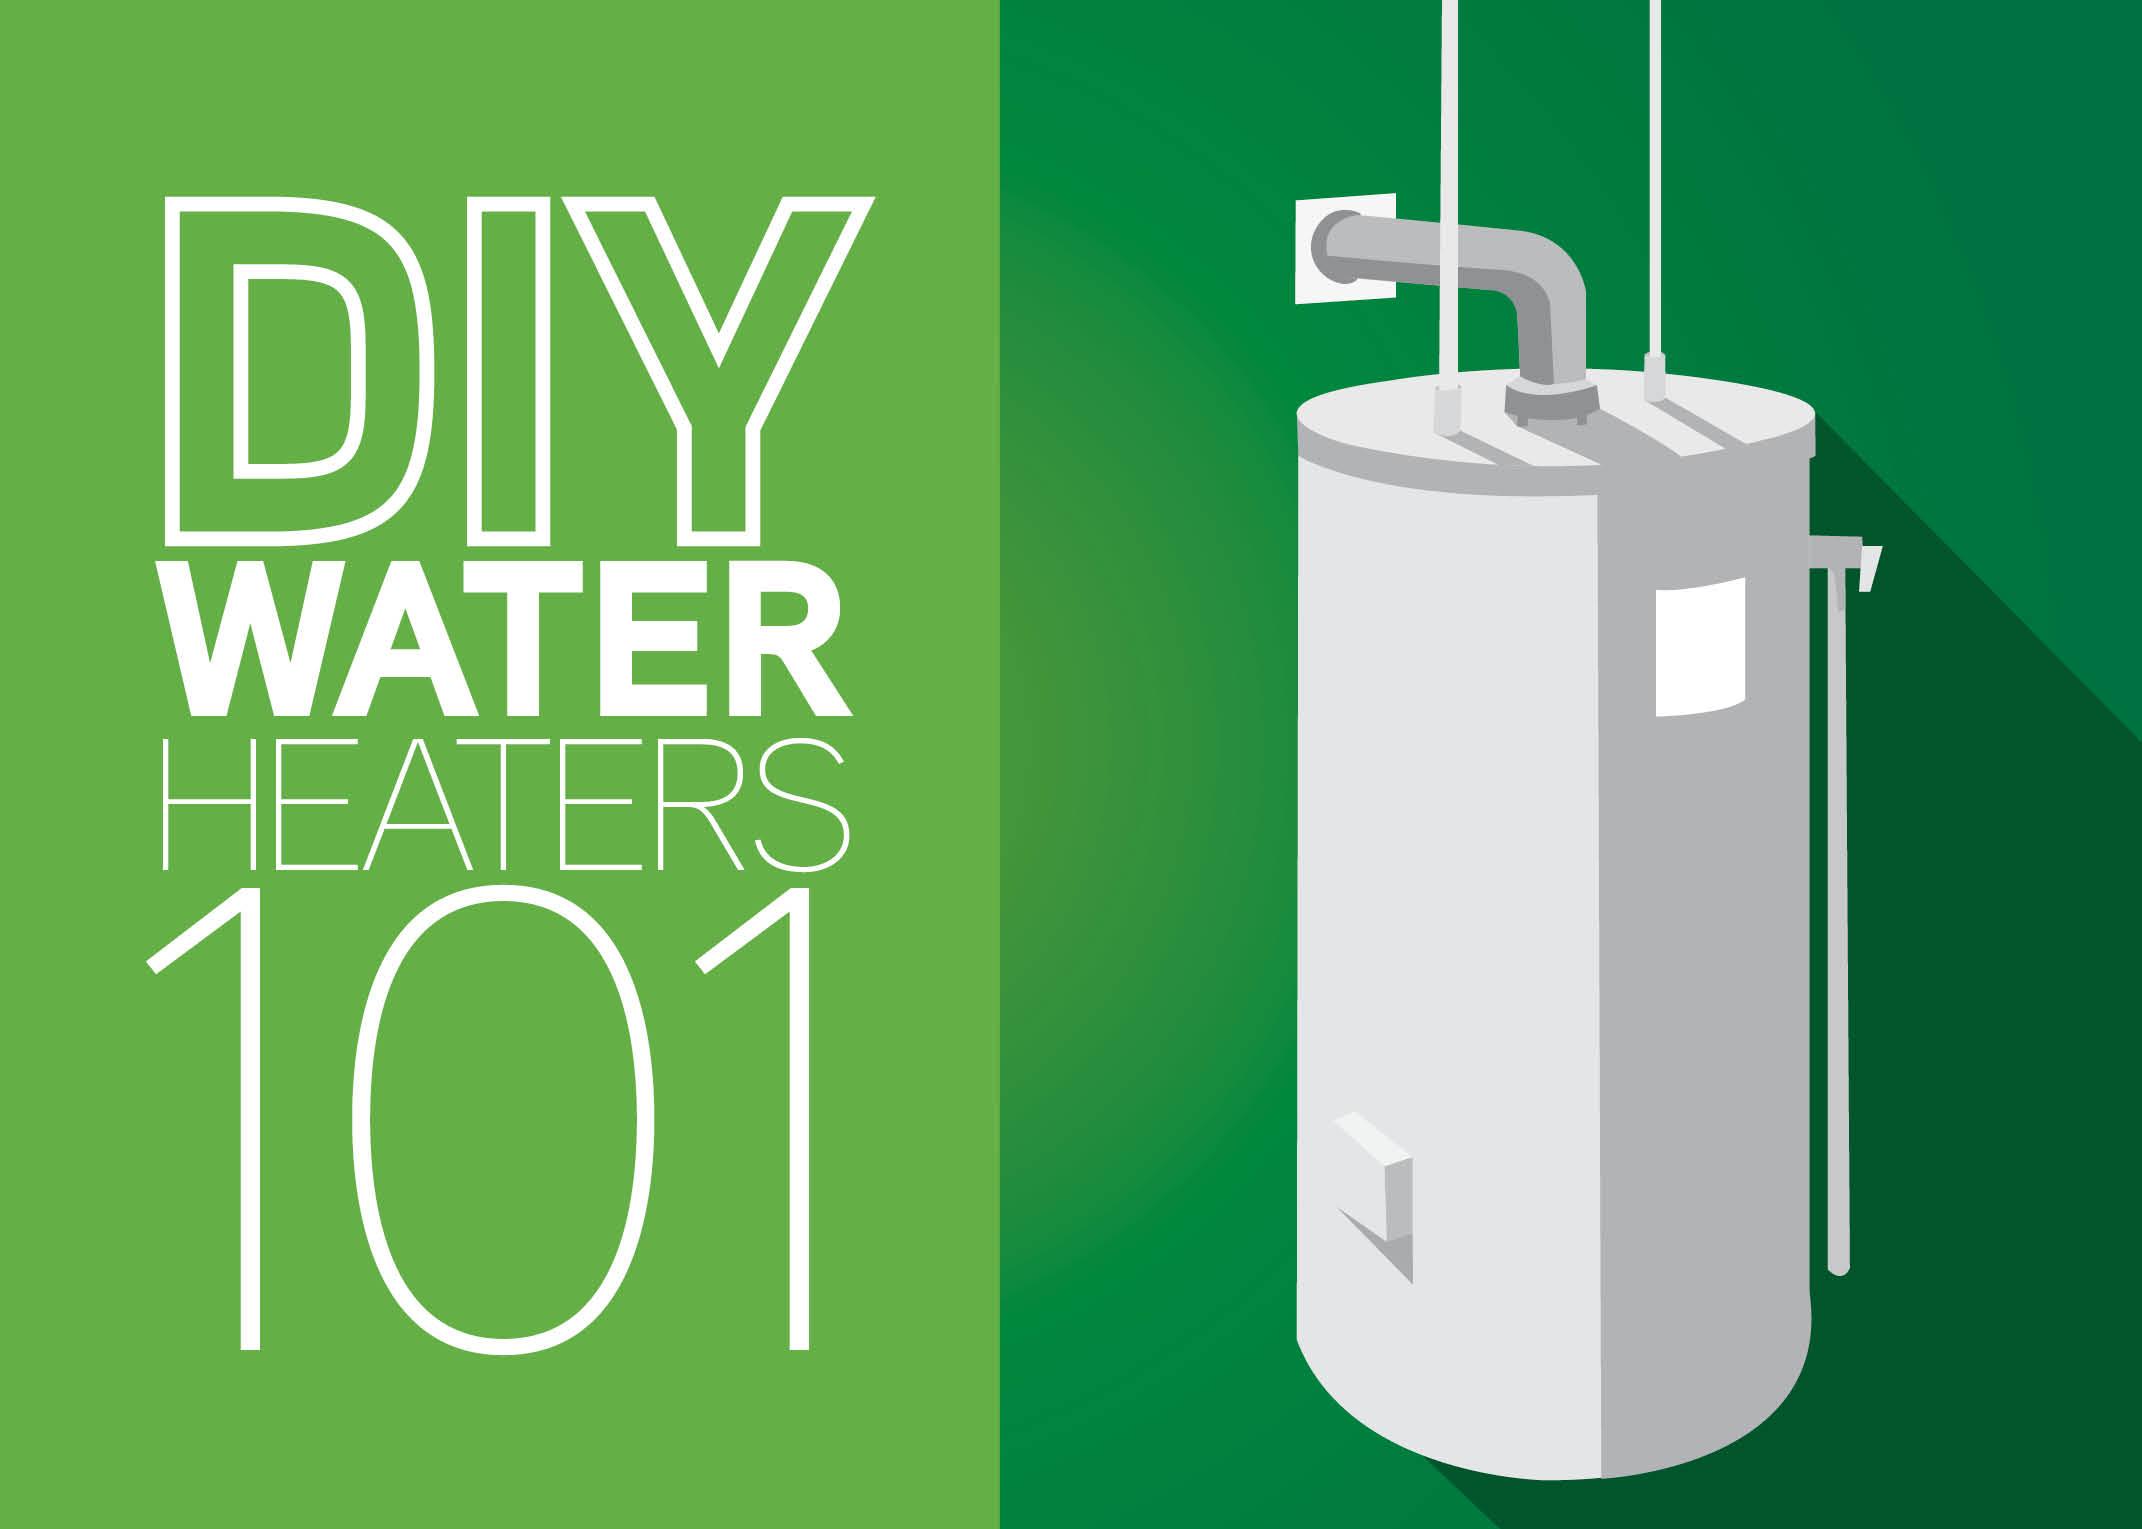 Diy Water Heaters 101 Mr Rooter Blog